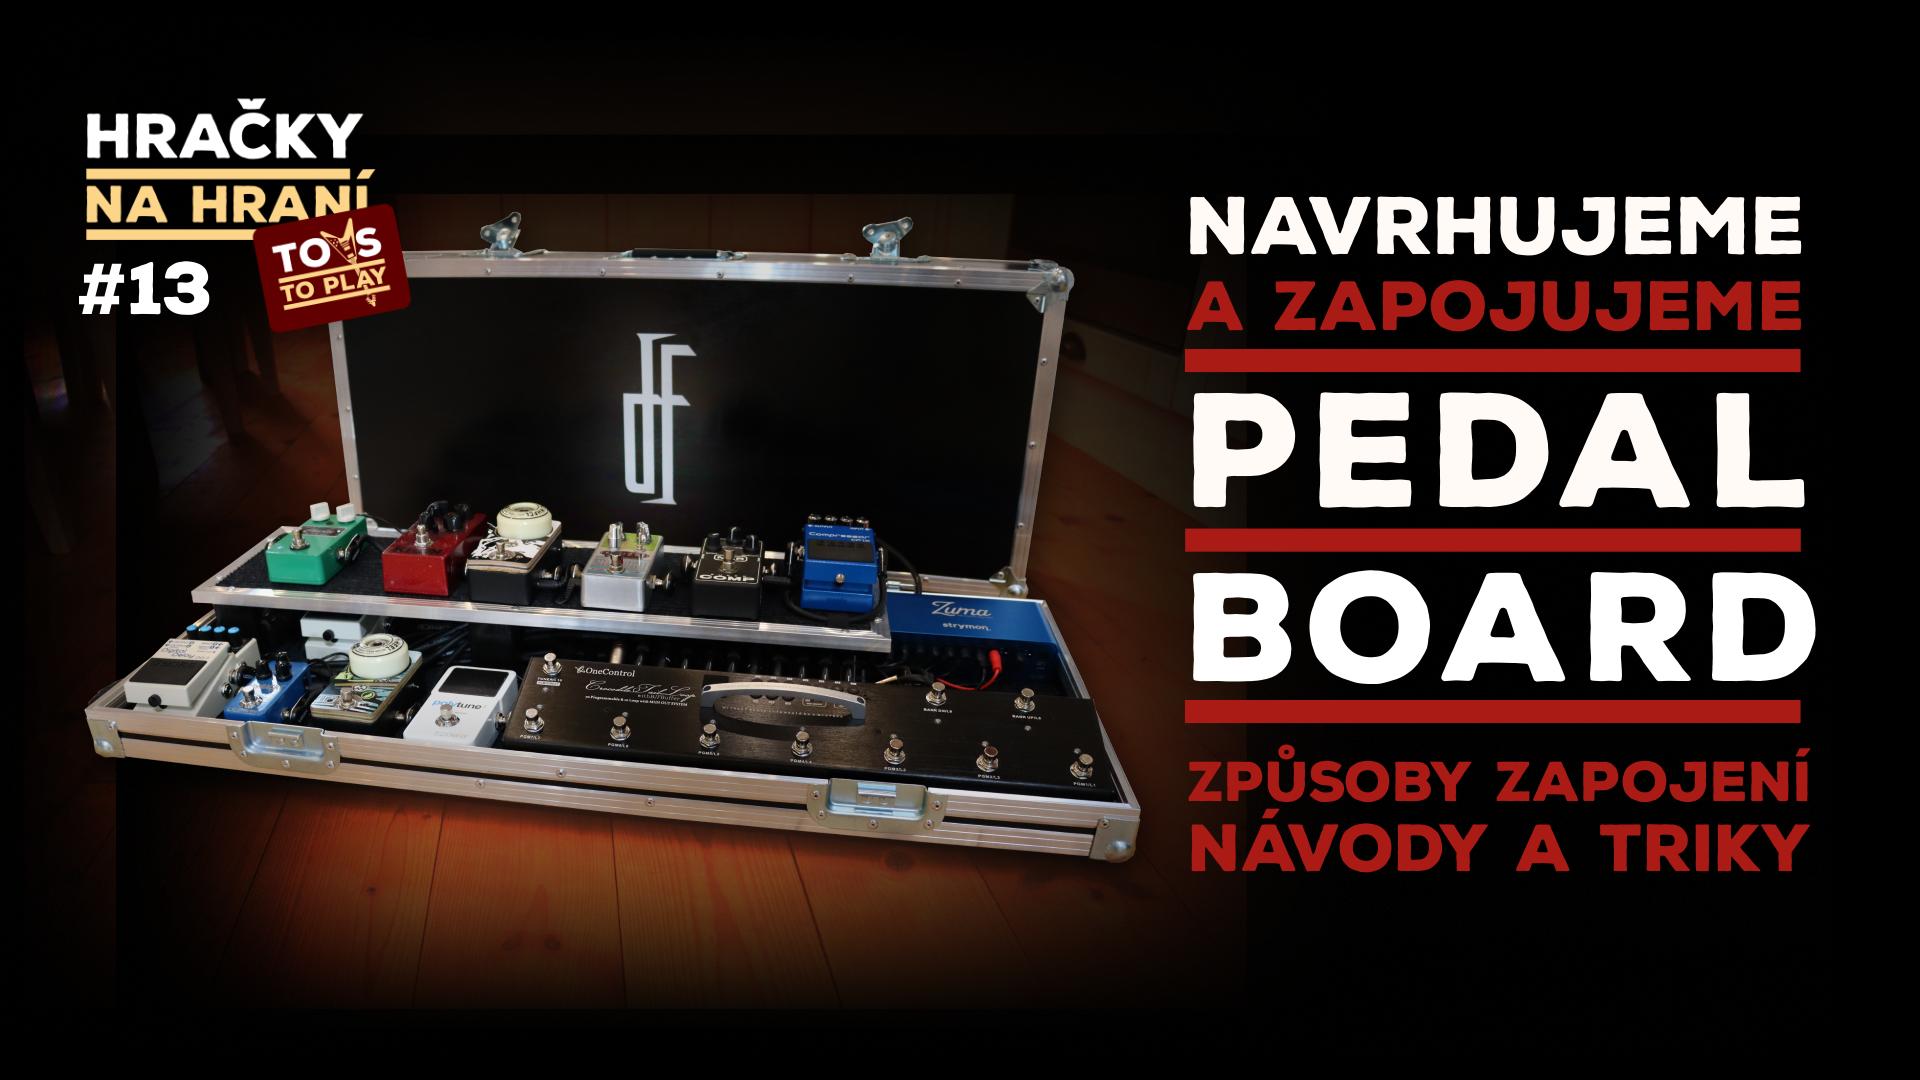 Hračky na hraní #13 - Navrhujeme a zapojujeme pedalboard